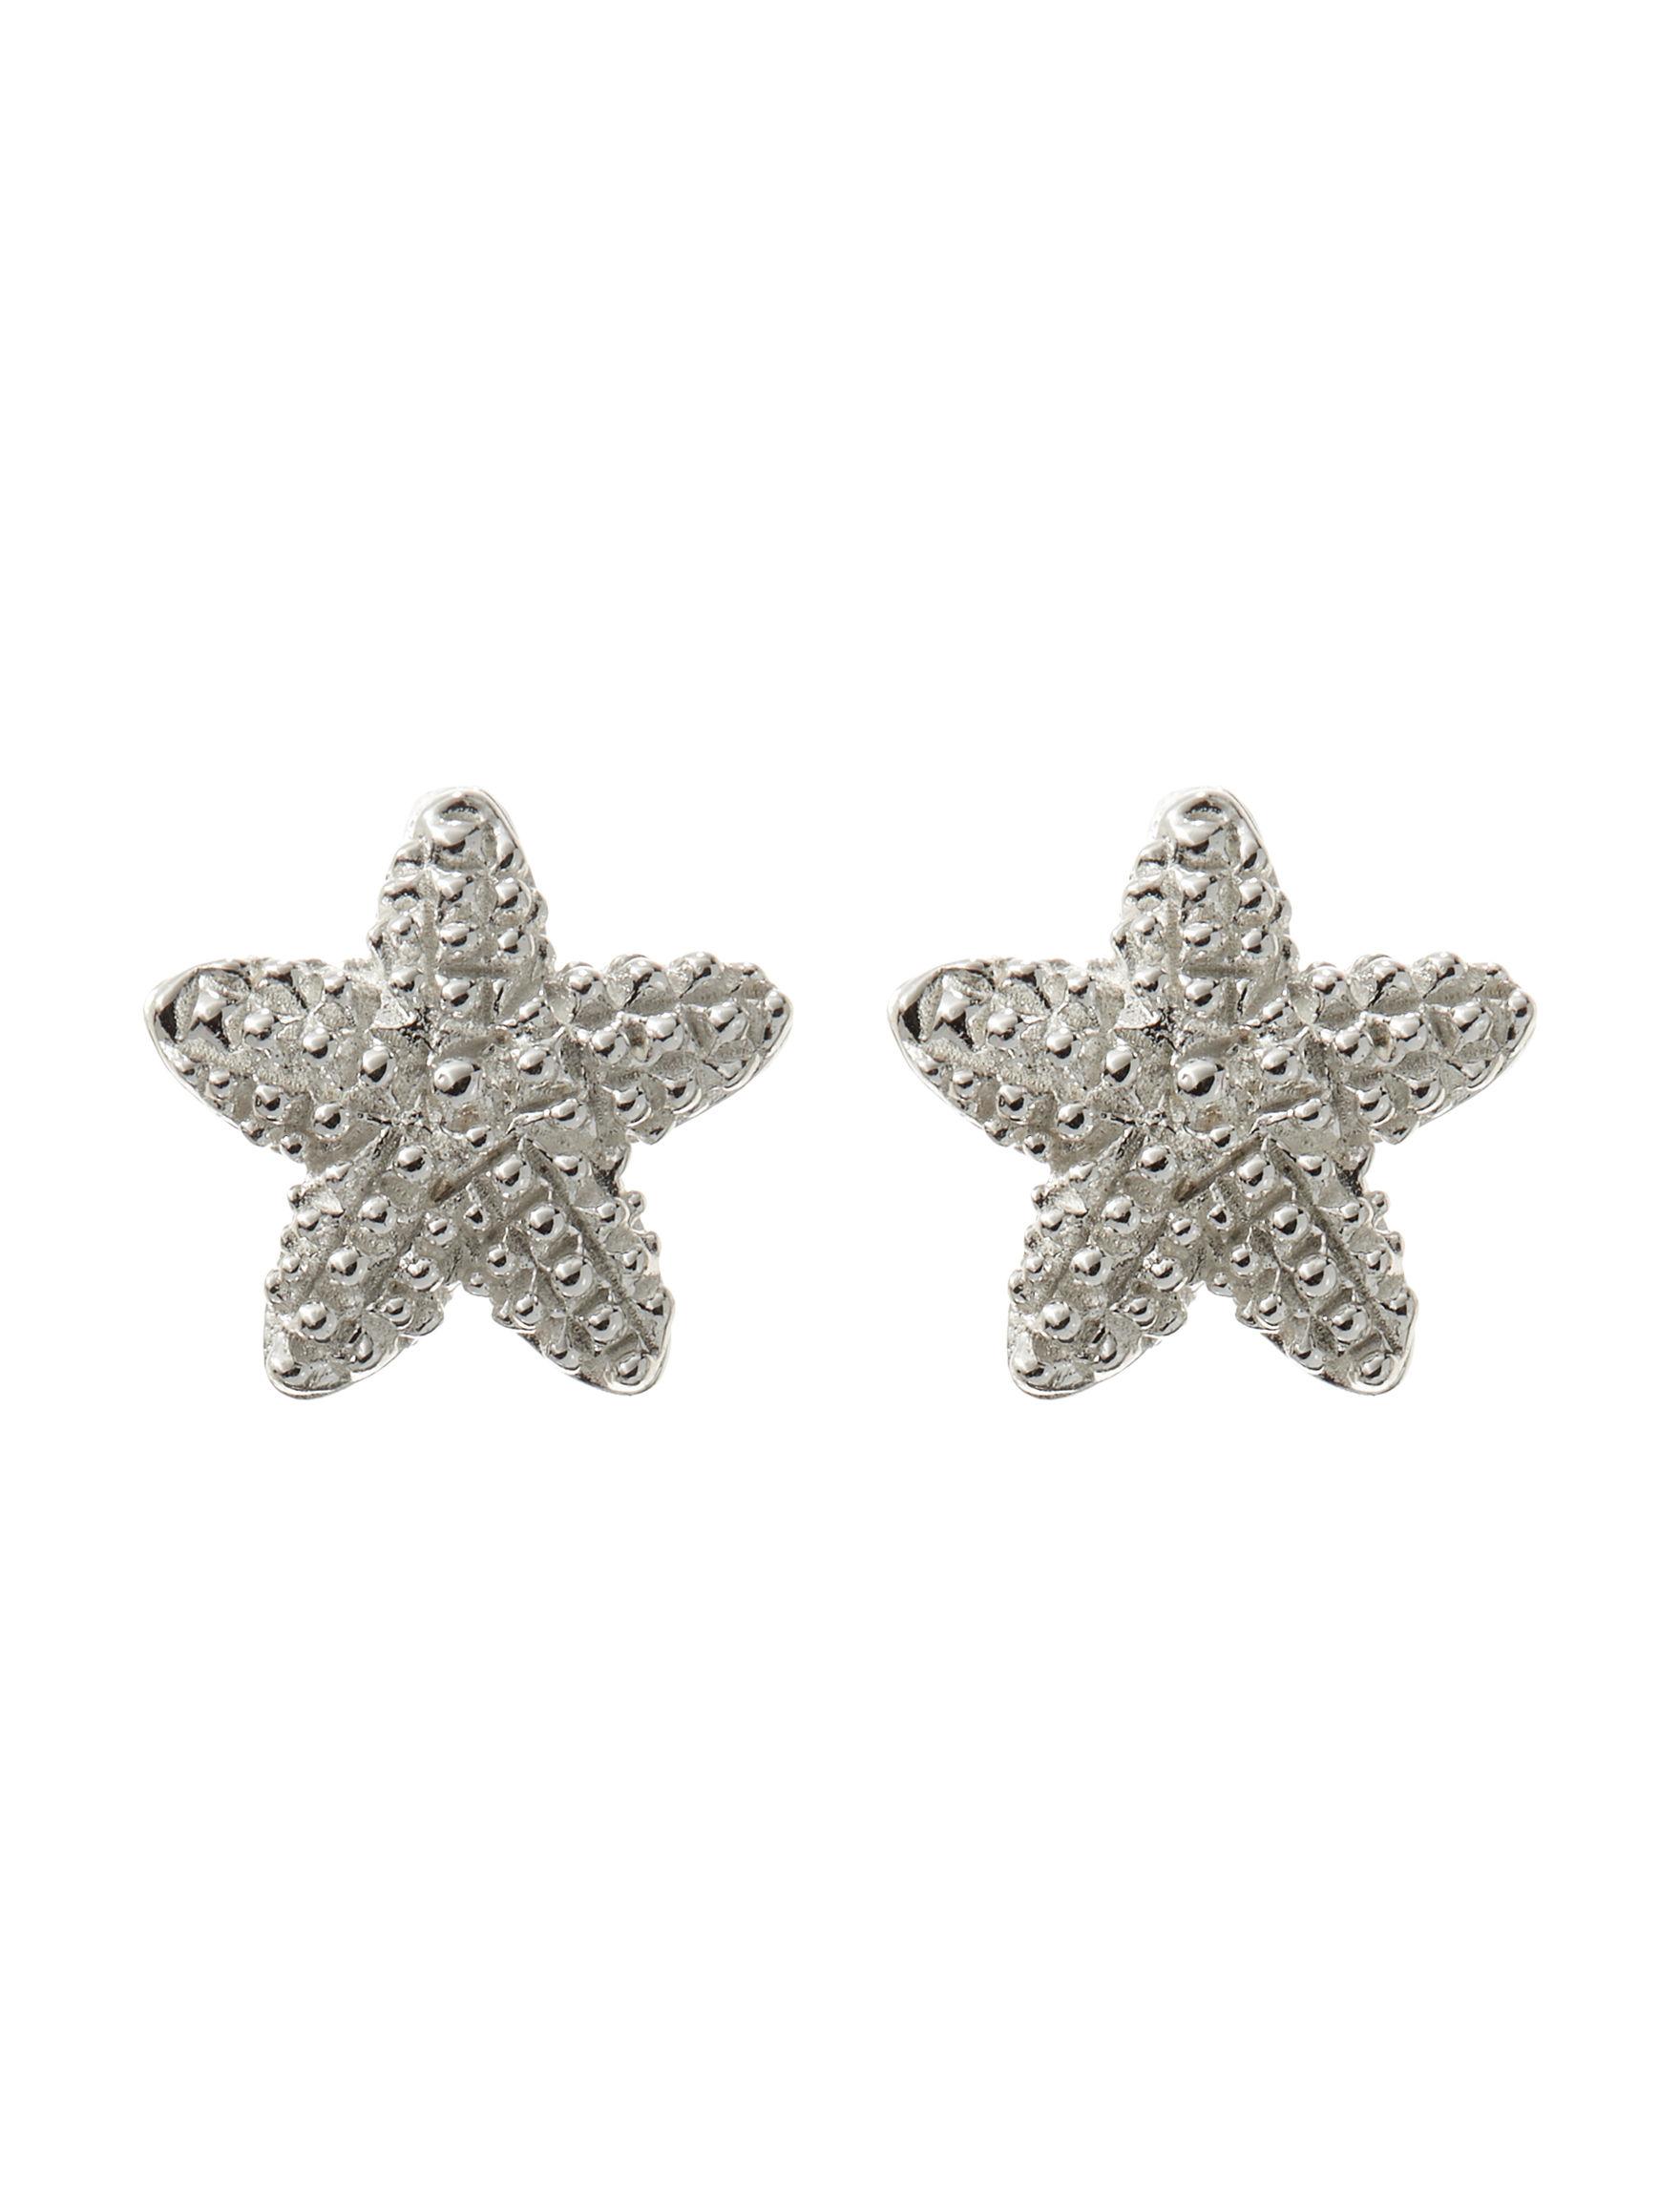 Danecraft Silver Studs Earrings Fine Jewelry